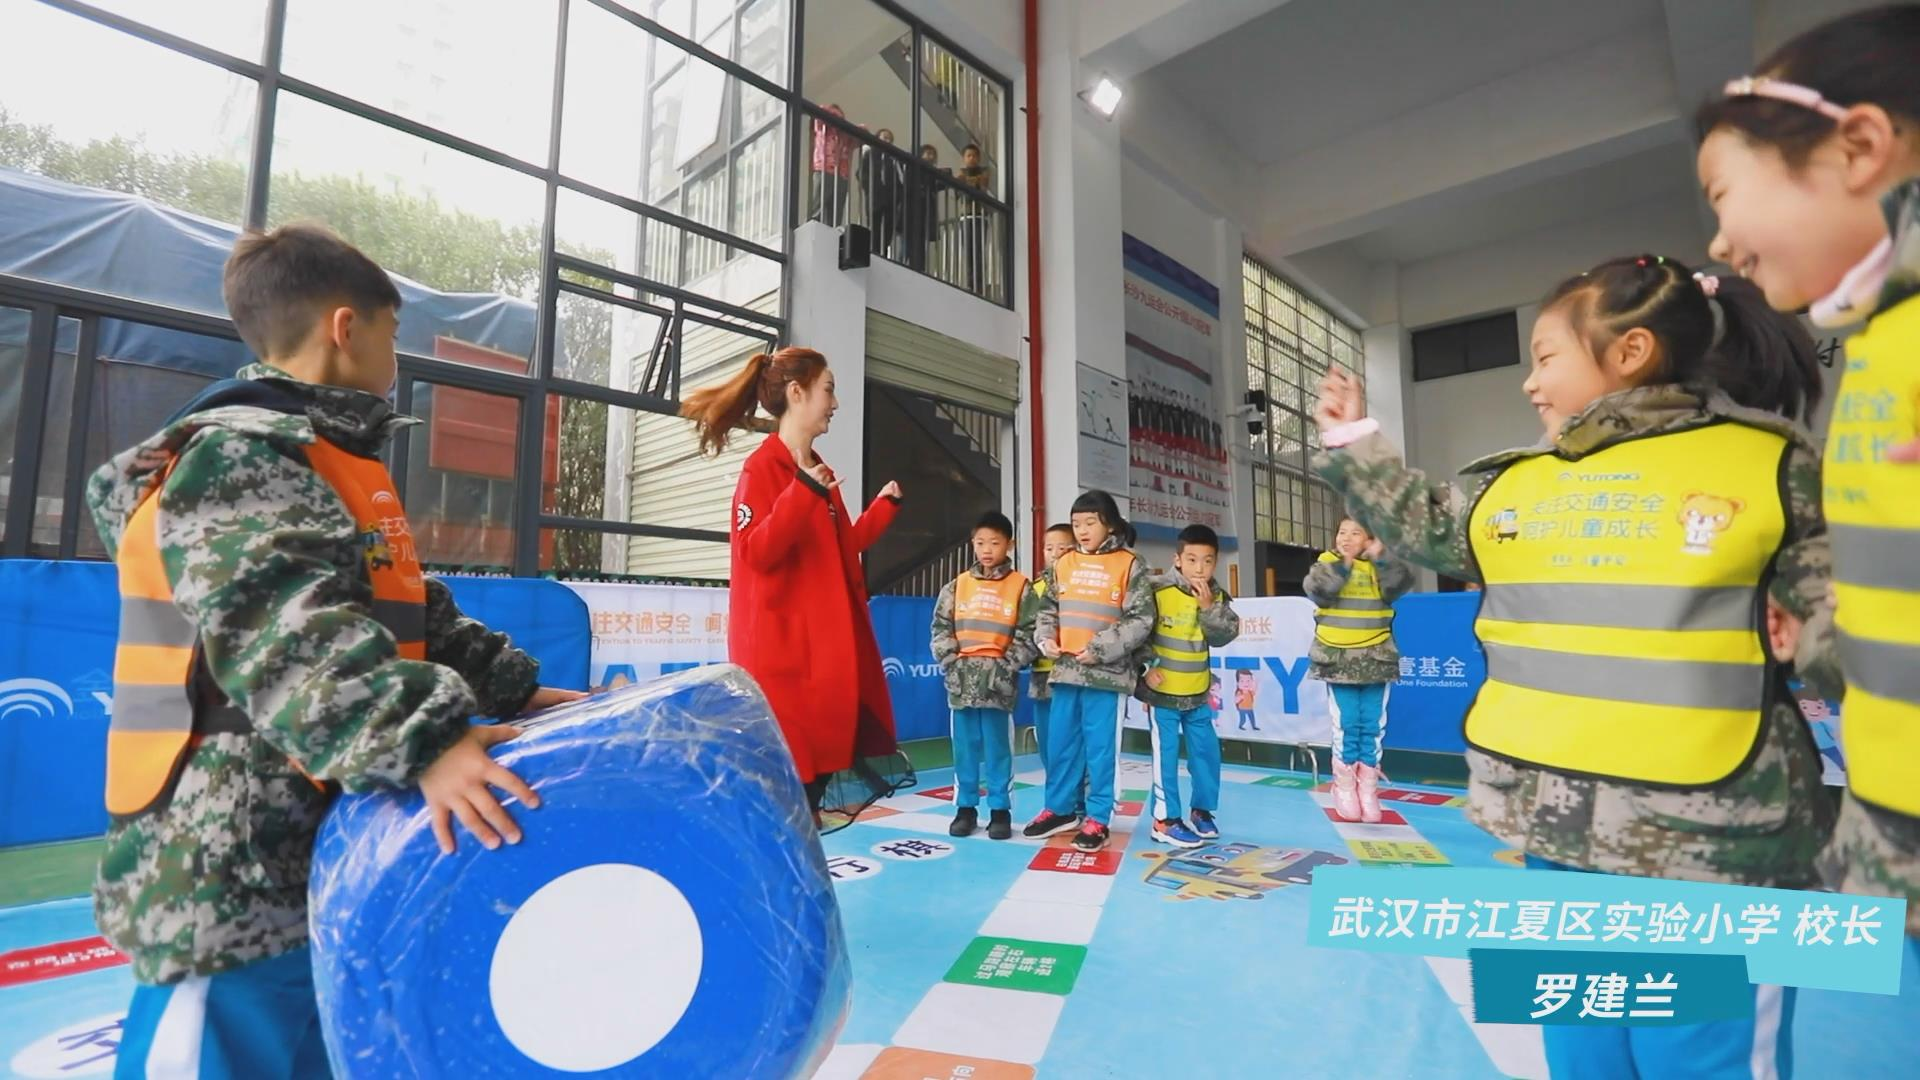 兒童交通安全公益行:深圳